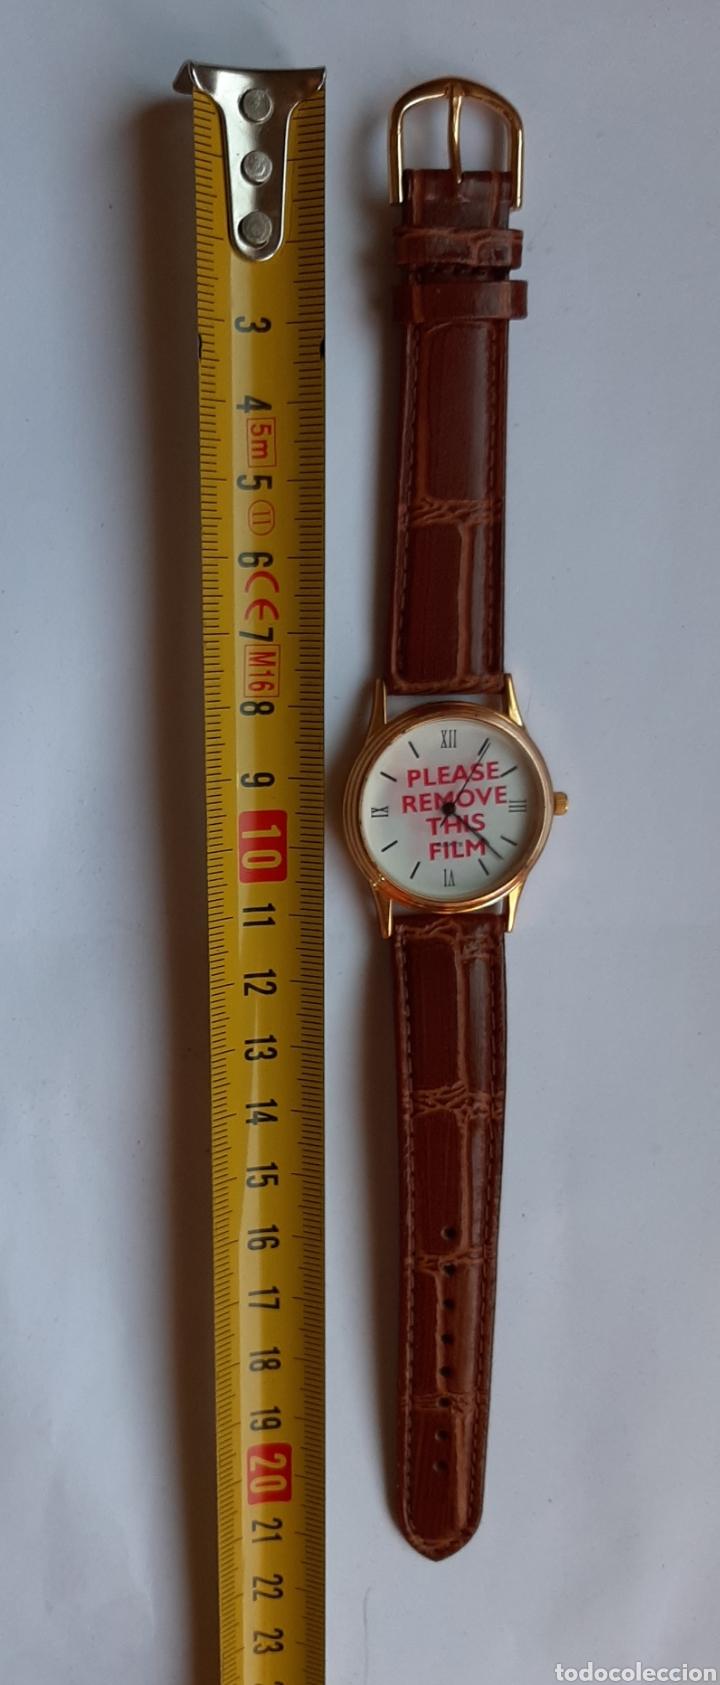 Relojes: CARE FOR YOUR WATCH. NUEVO EN CAJA ORIGINAL . 22 CENTÍMETROS DE LONGITUD. 21.46 GRAMOS - Foto 6 - 203091241